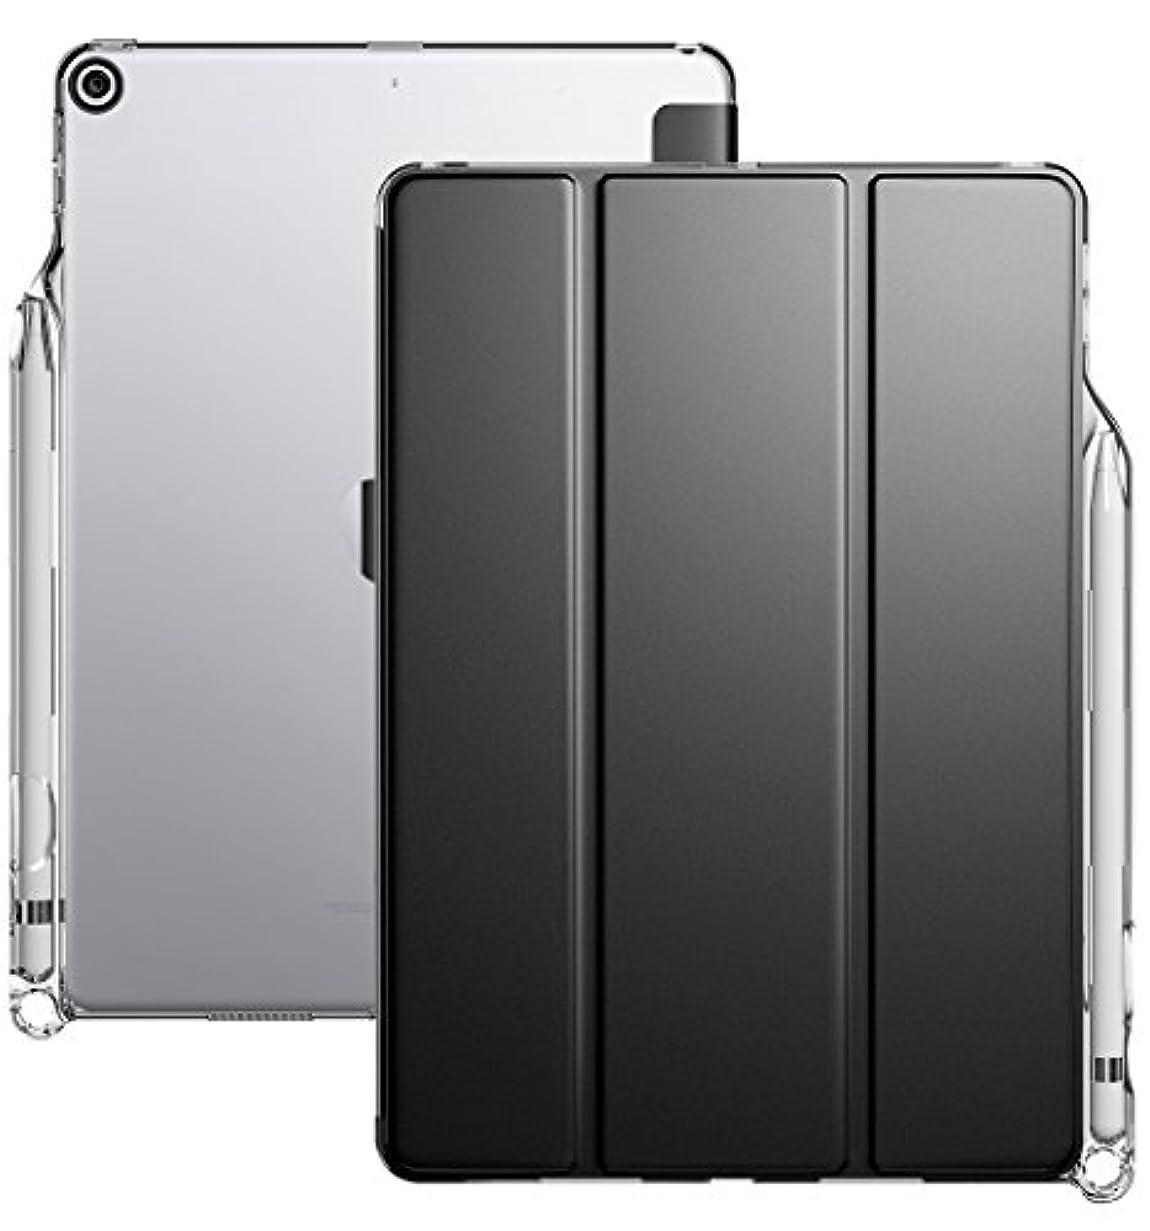 研磨保持手錠iPad 9.7 ケース Poetic スタンド機能 筆の収納 シンプル 三つ折タイプ 全面保護型 背面の透明ケース ペンホルダー付き 保護カバー iPad 9.7 2018用 TPU素材, ブラック